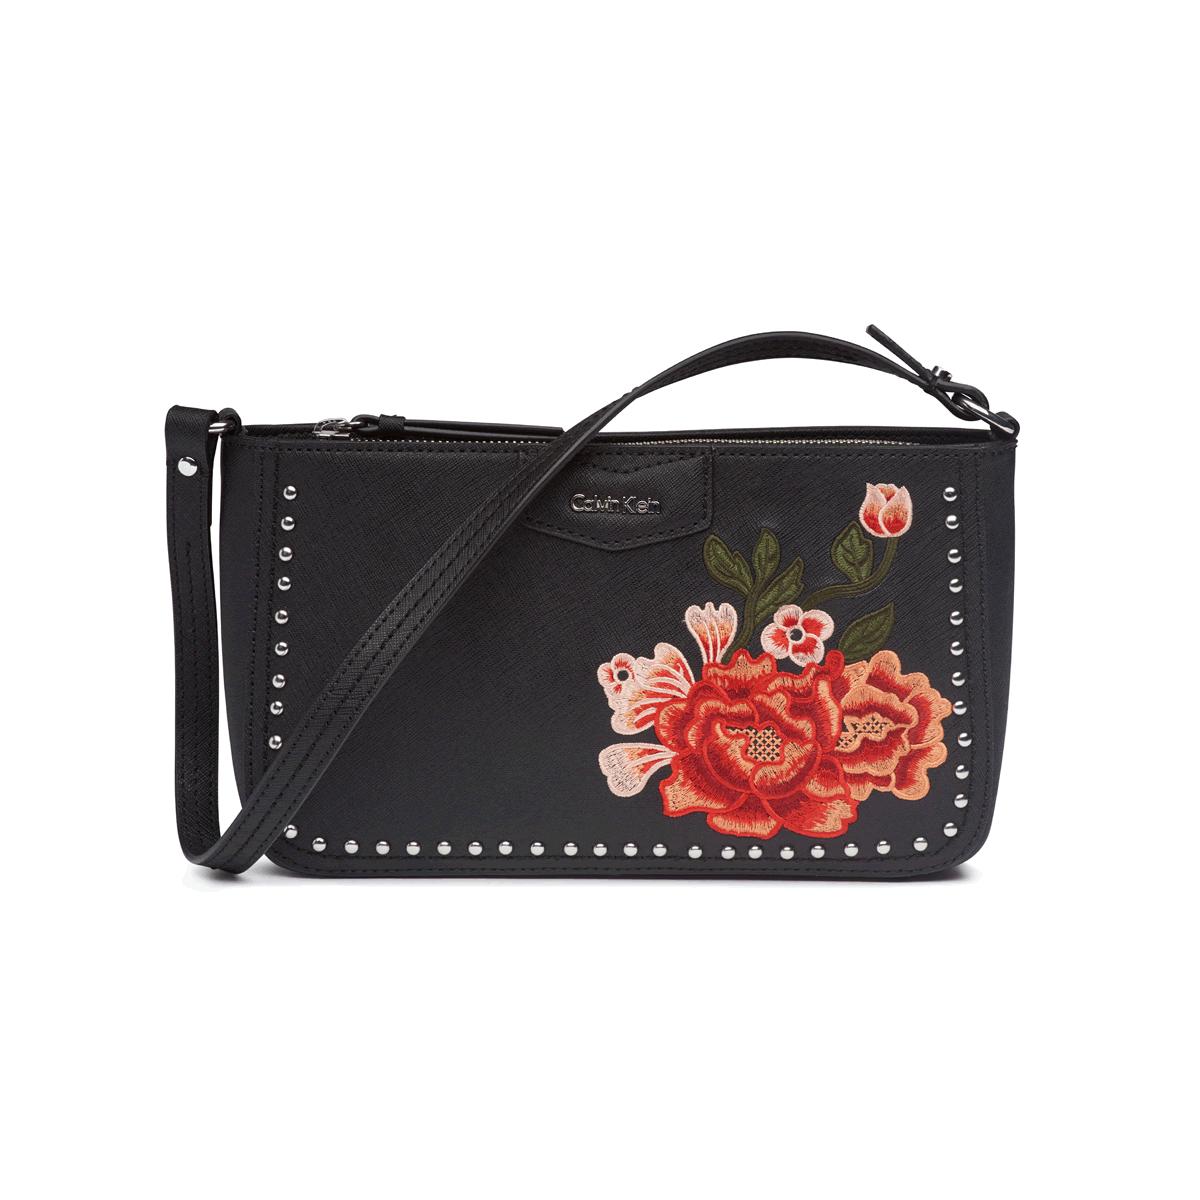 Calvin Klein Handbags   Bags - Macy s f9d616f6a7